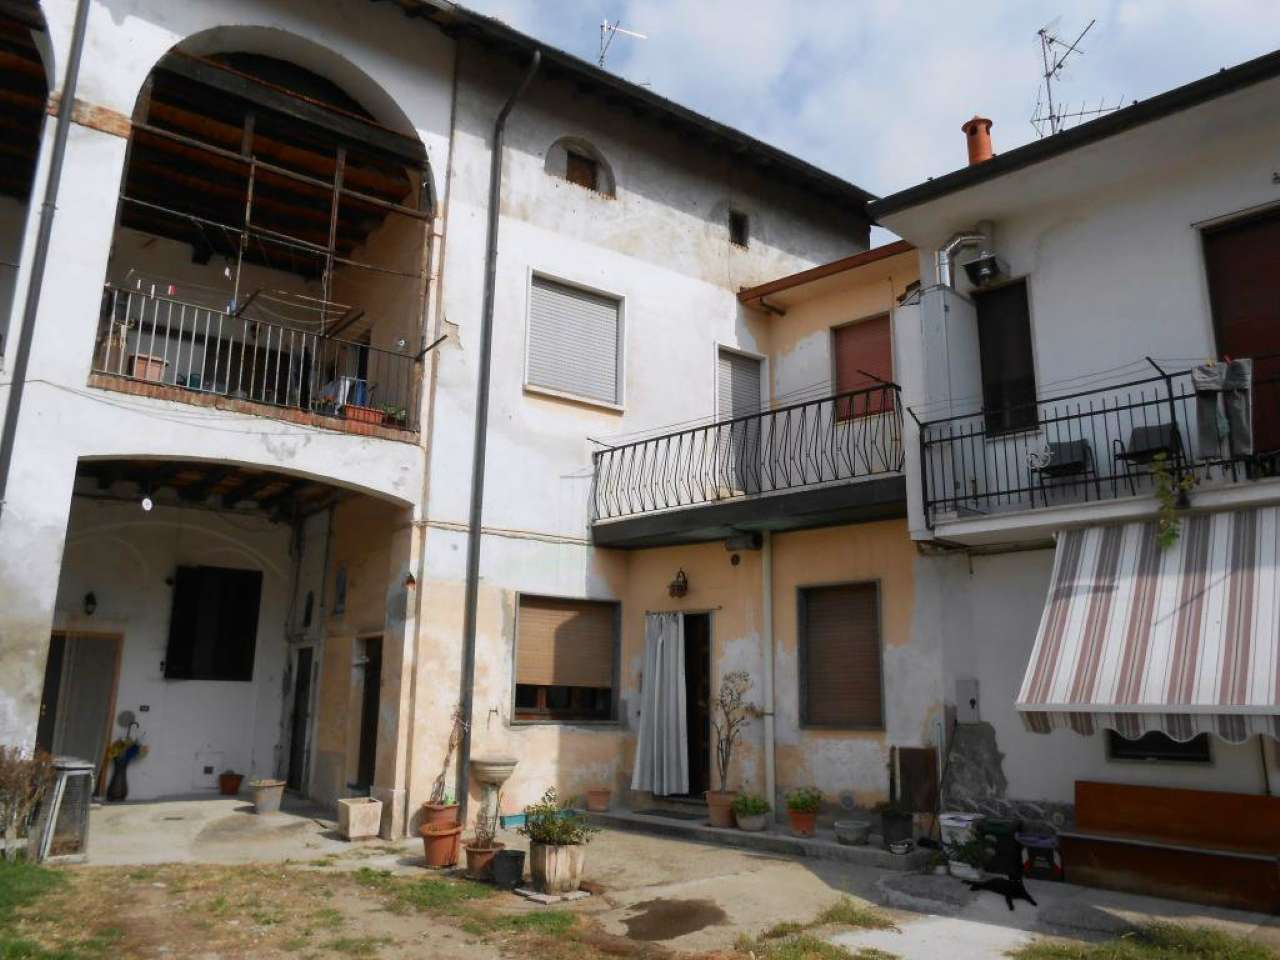 Appartamento in vendita a Pogliano Milanese, 3 locali, prezzo € 67.000 | CambioCasa.it